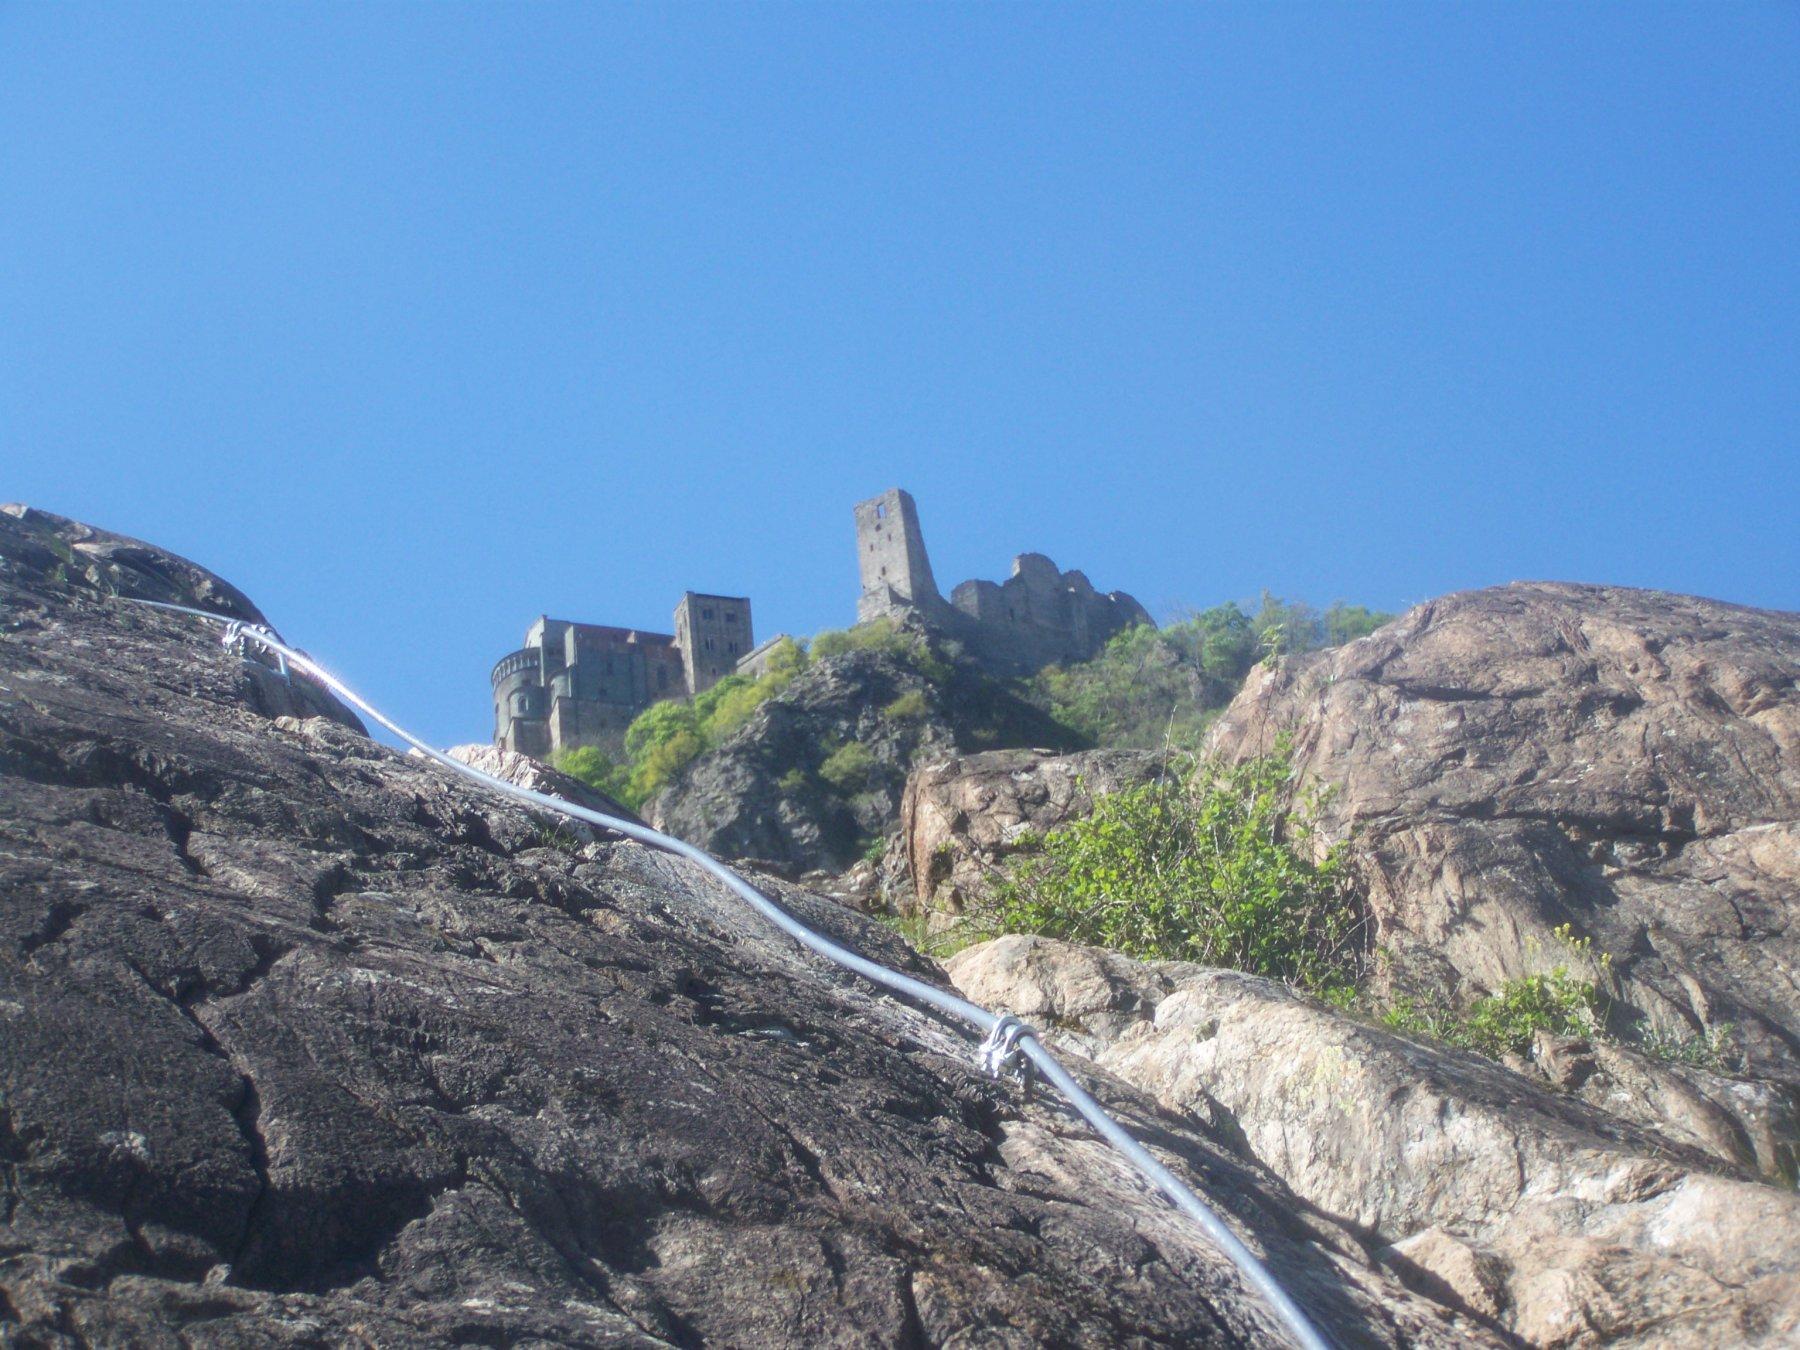 Pirchiriano (Monte)Via Ferrata Carlo Giorda 2016-04-24